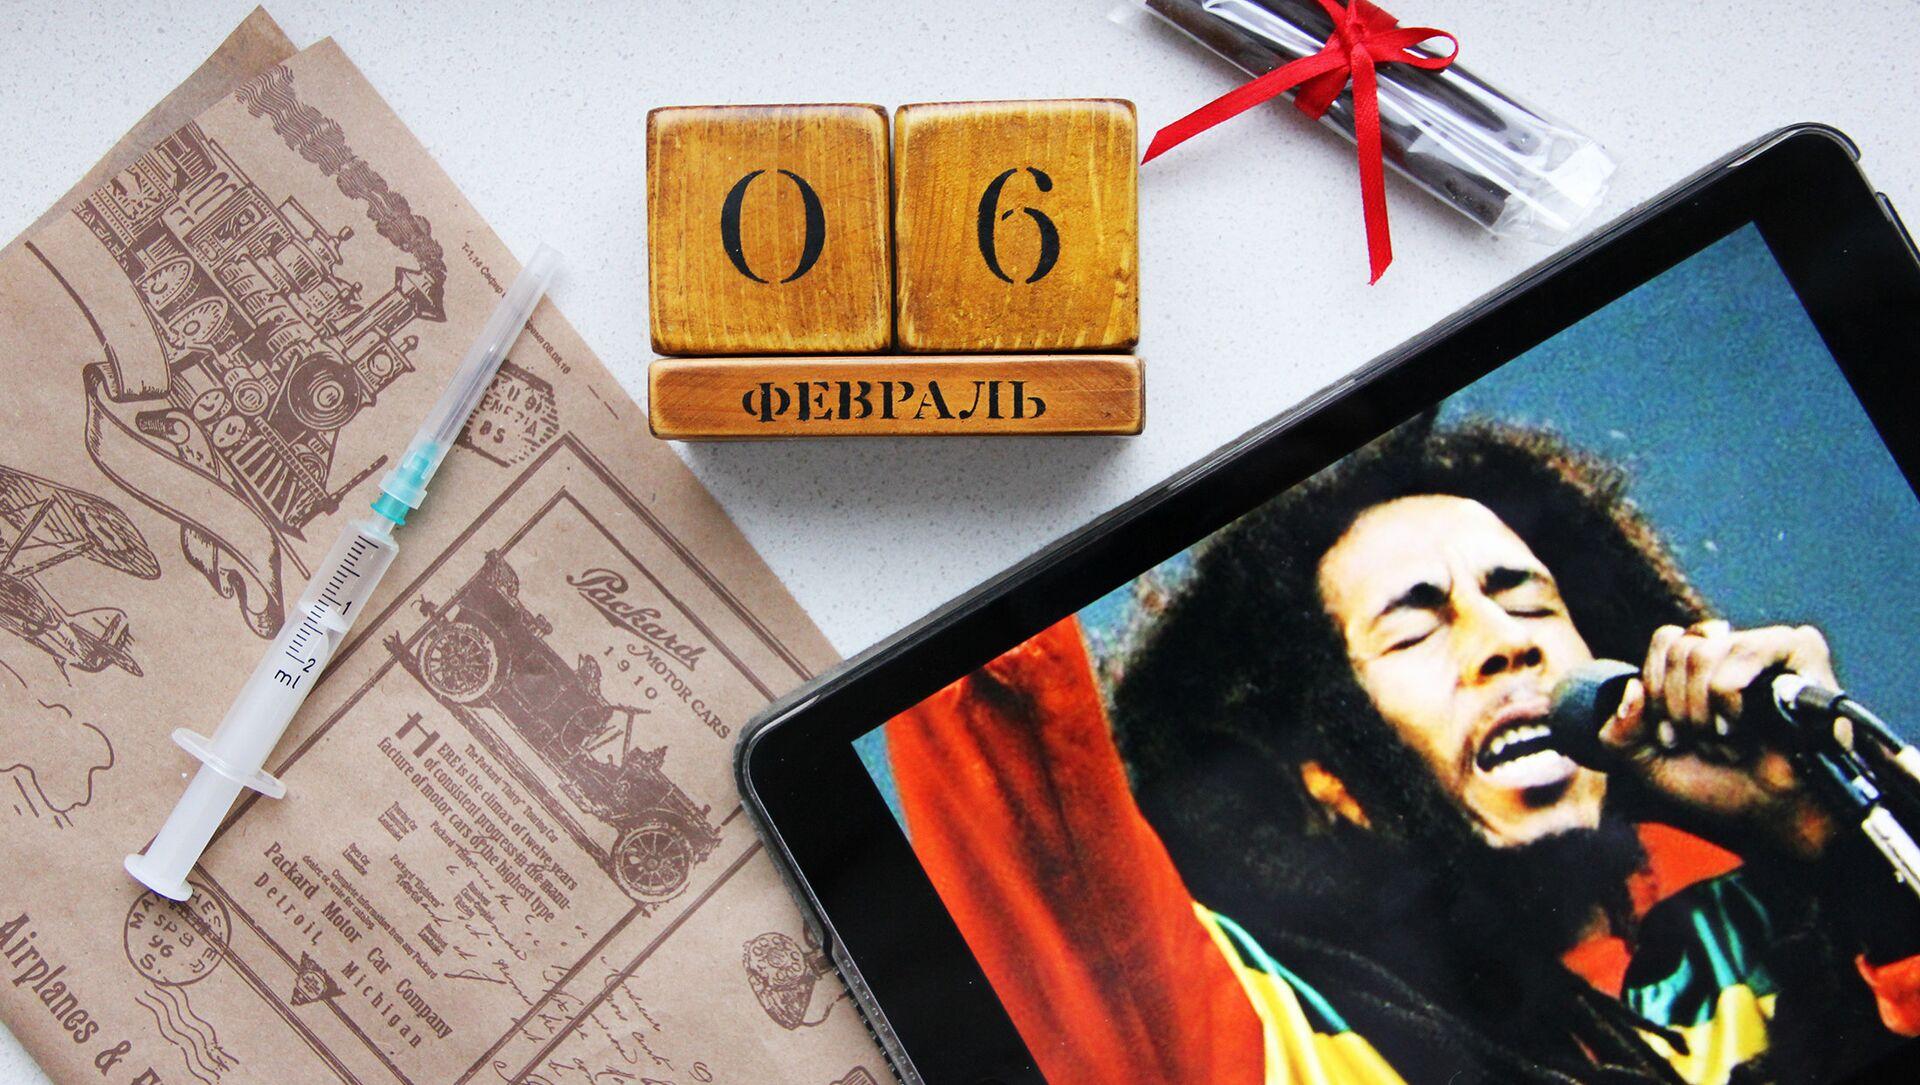 Календарь 6 февраля - Sputnik Беларусь, 1920, 06.02.2021